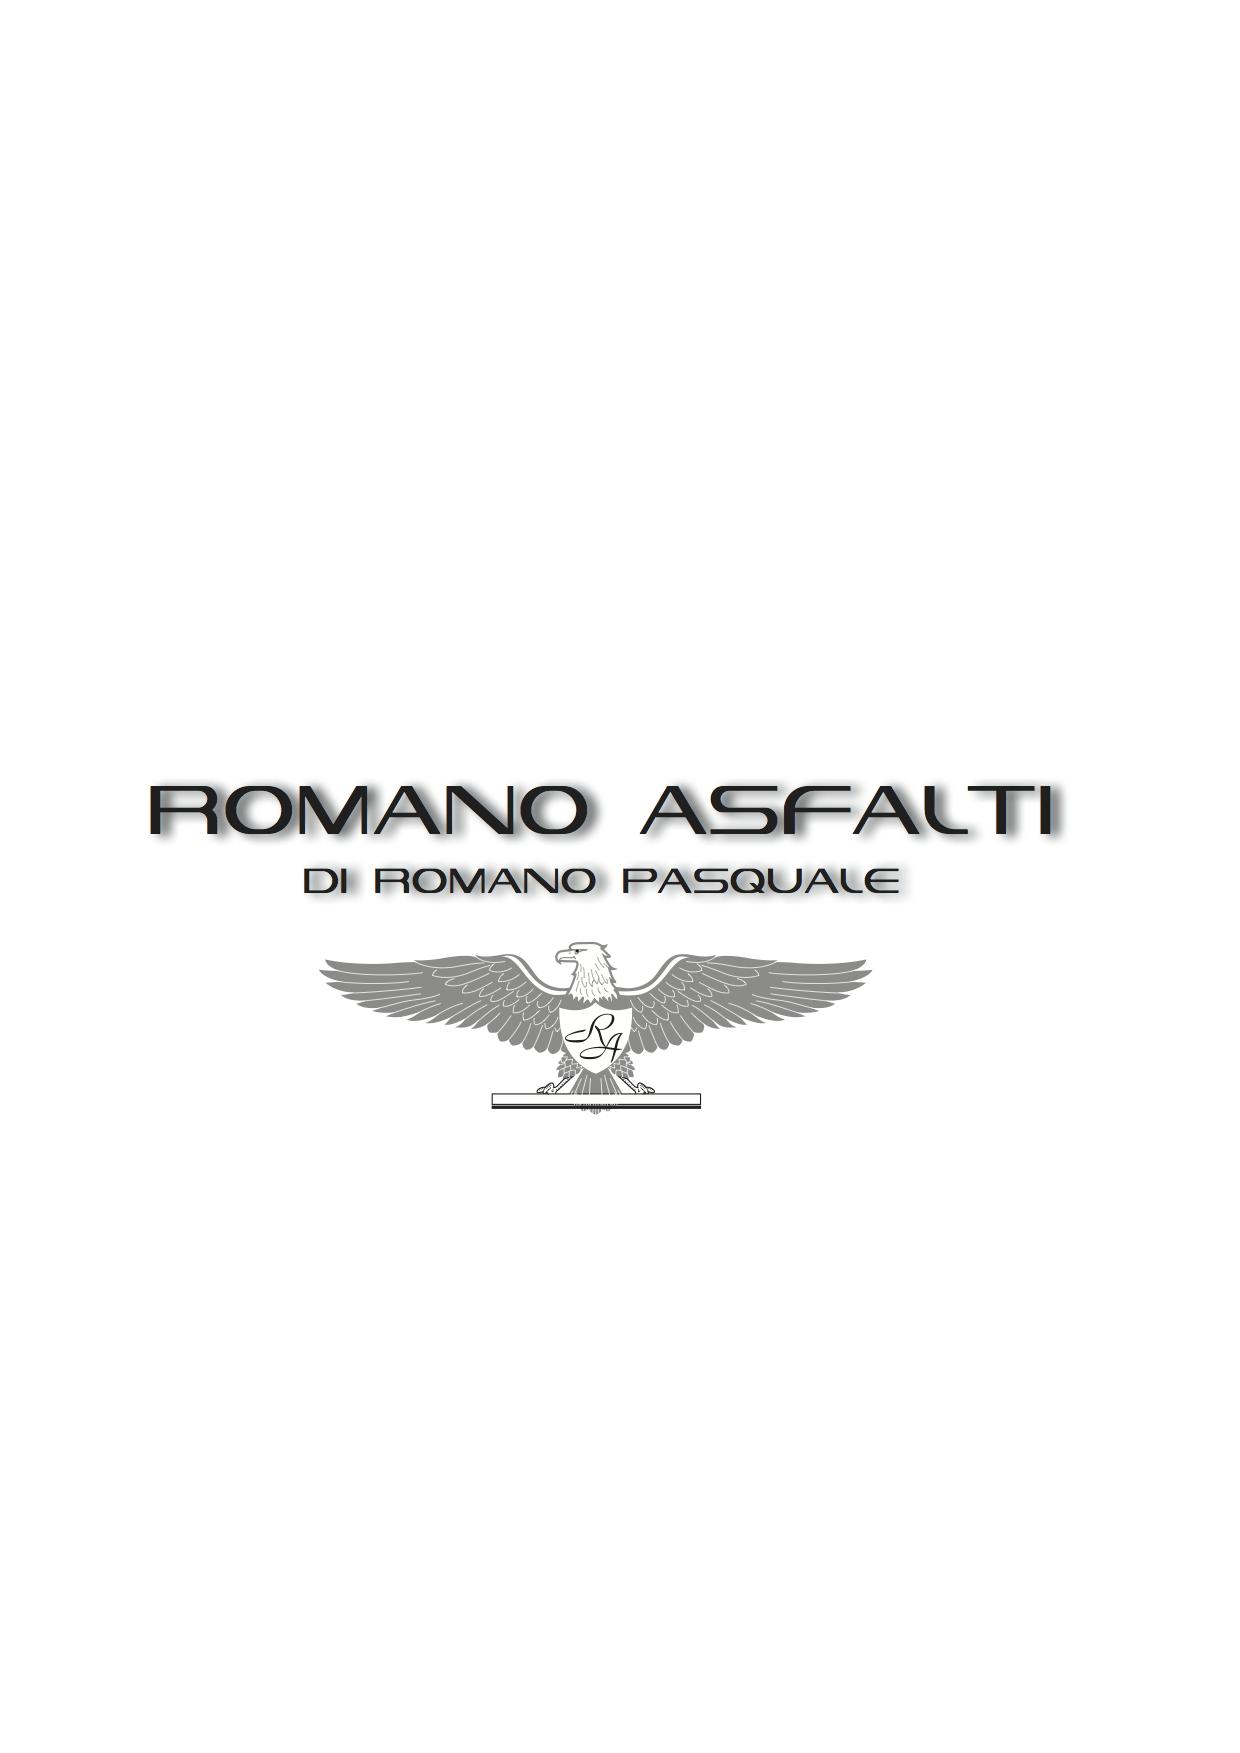 Romano Asfalti Di Romano Pasquale